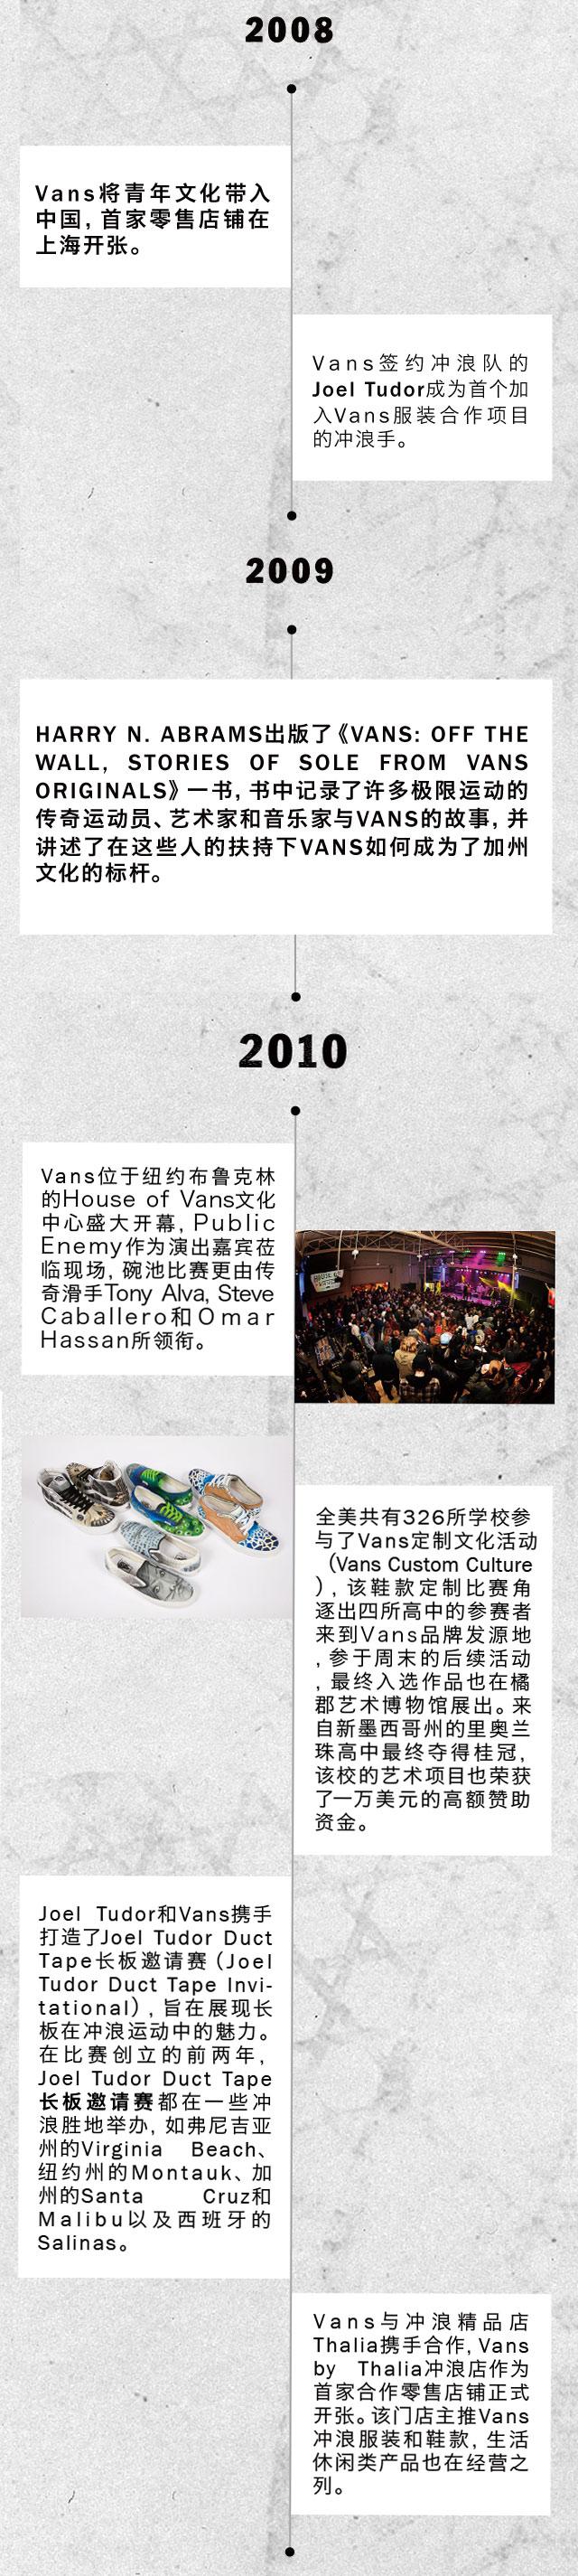 Vans-Brand-History_Mobile_05